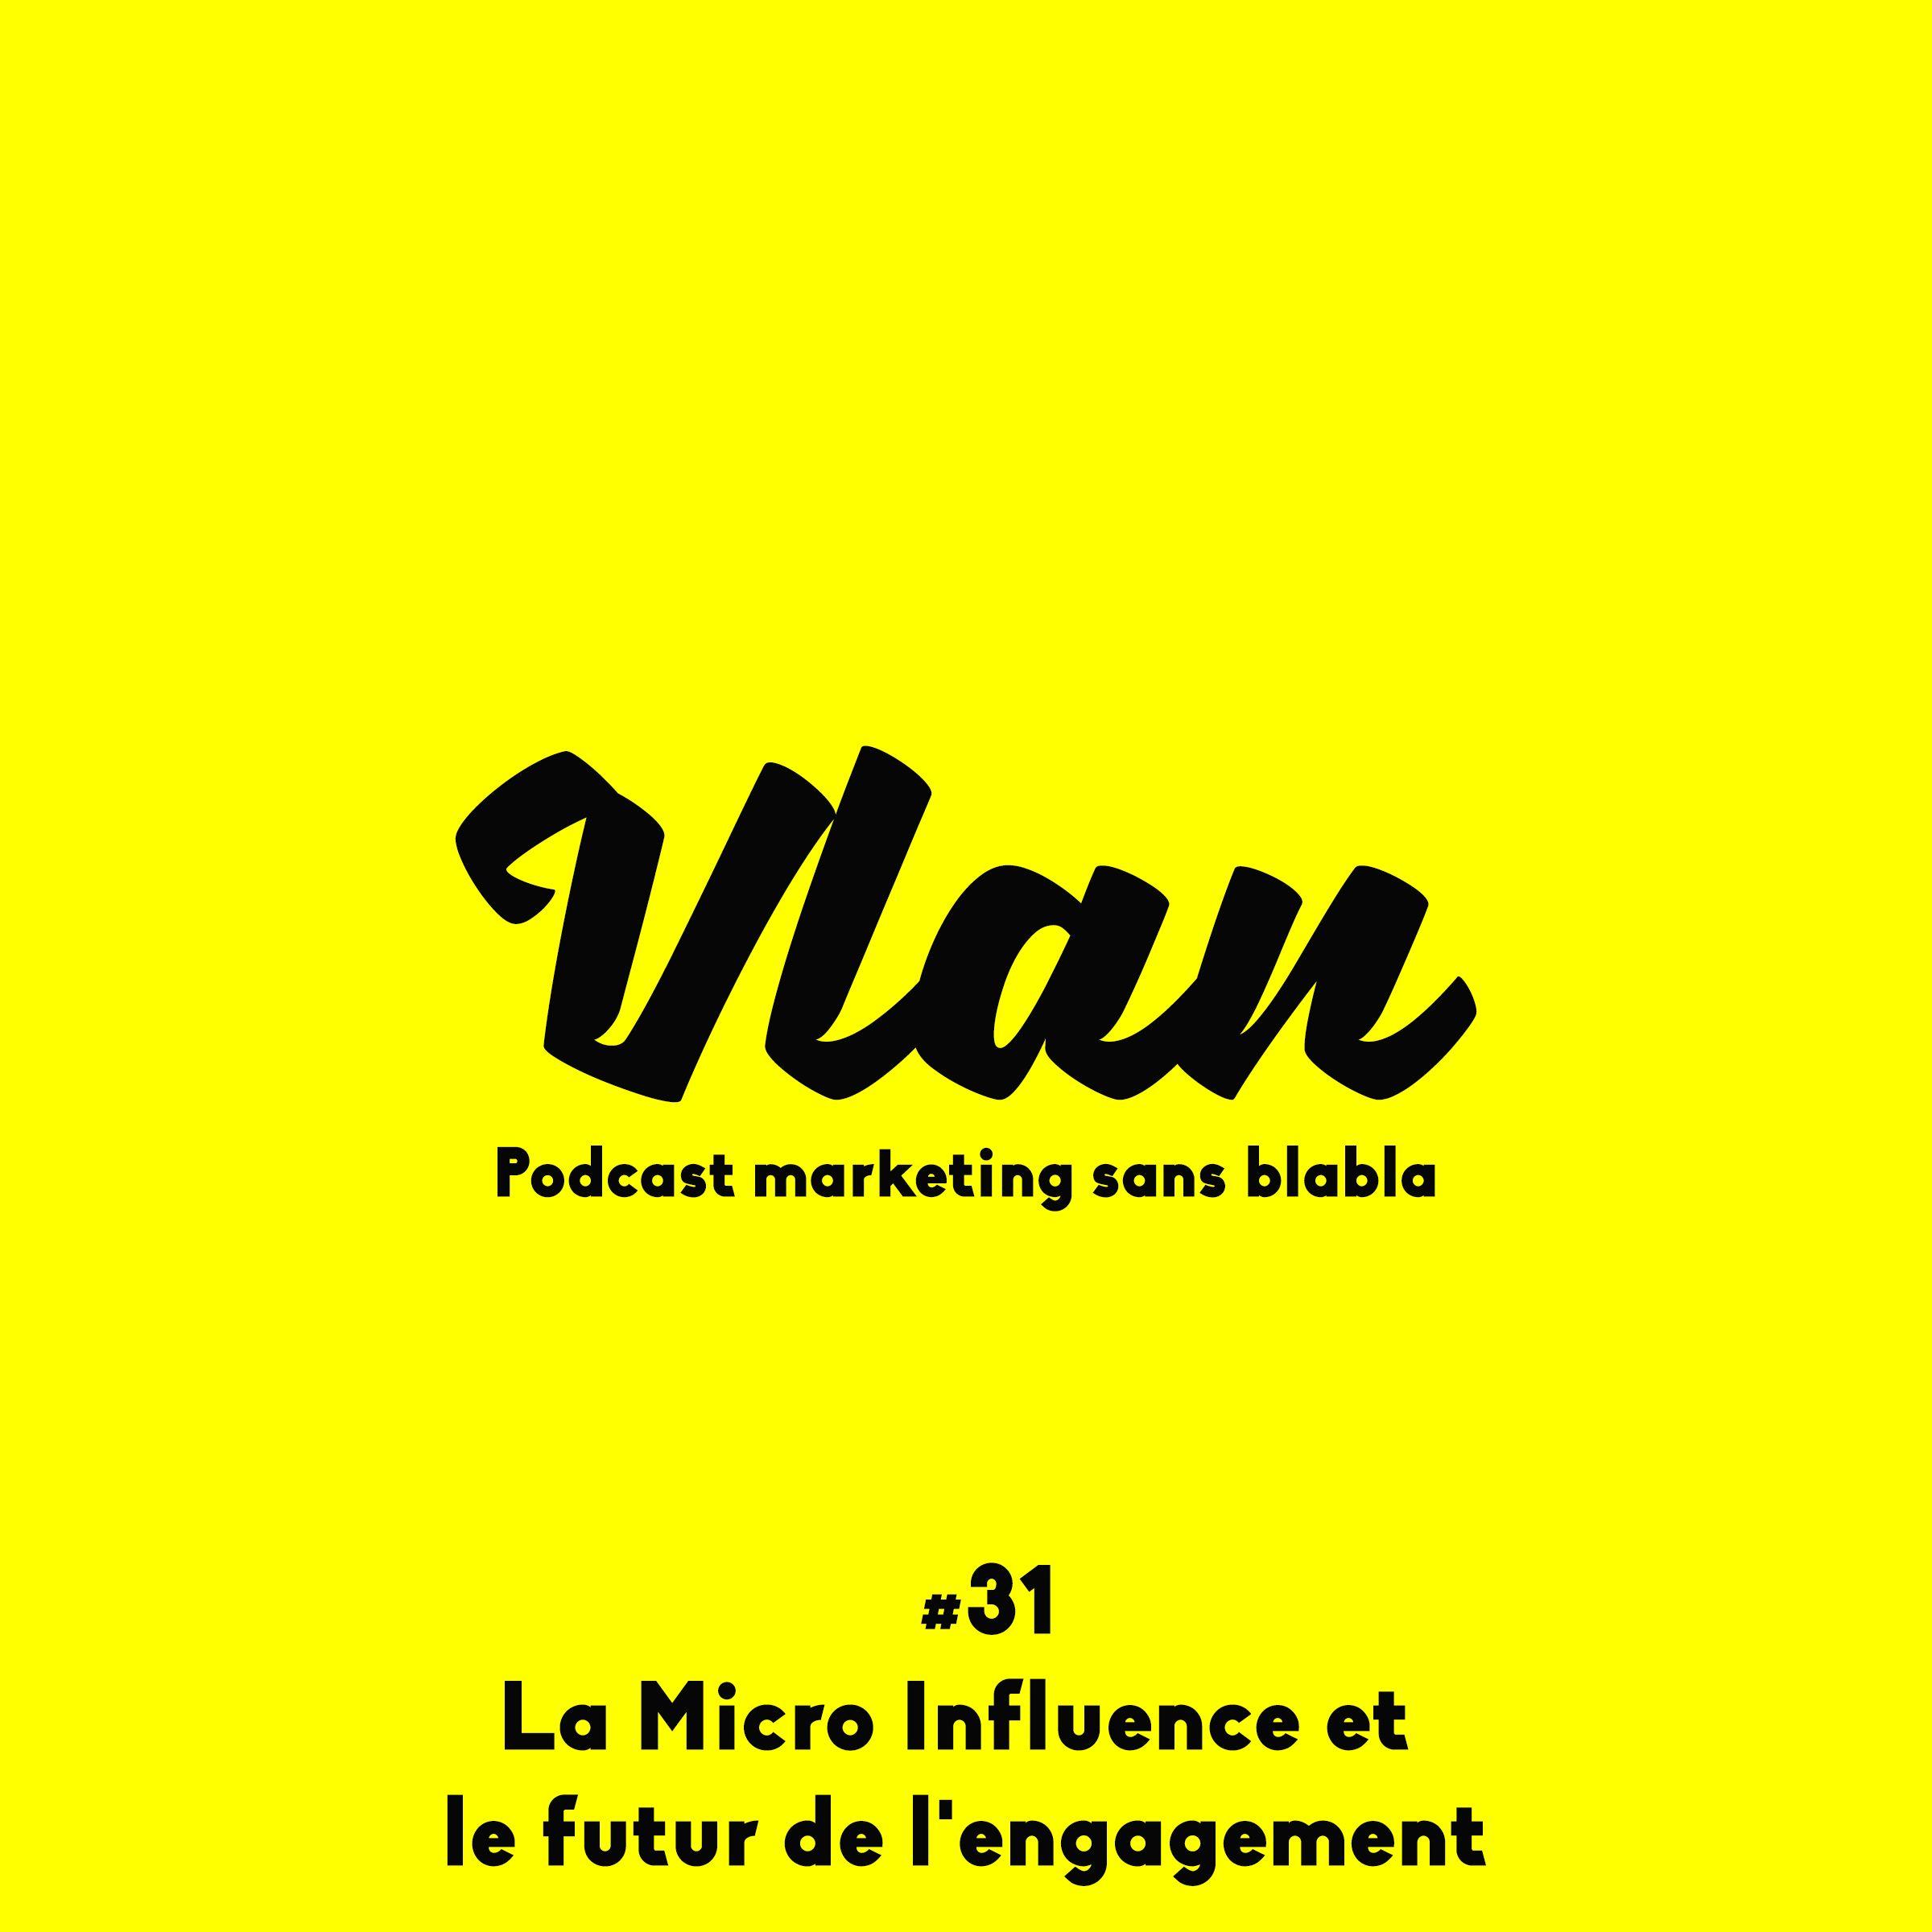 Vlan #31 La micro-influence et le futur de l'engagement avec Thomas Owadenko